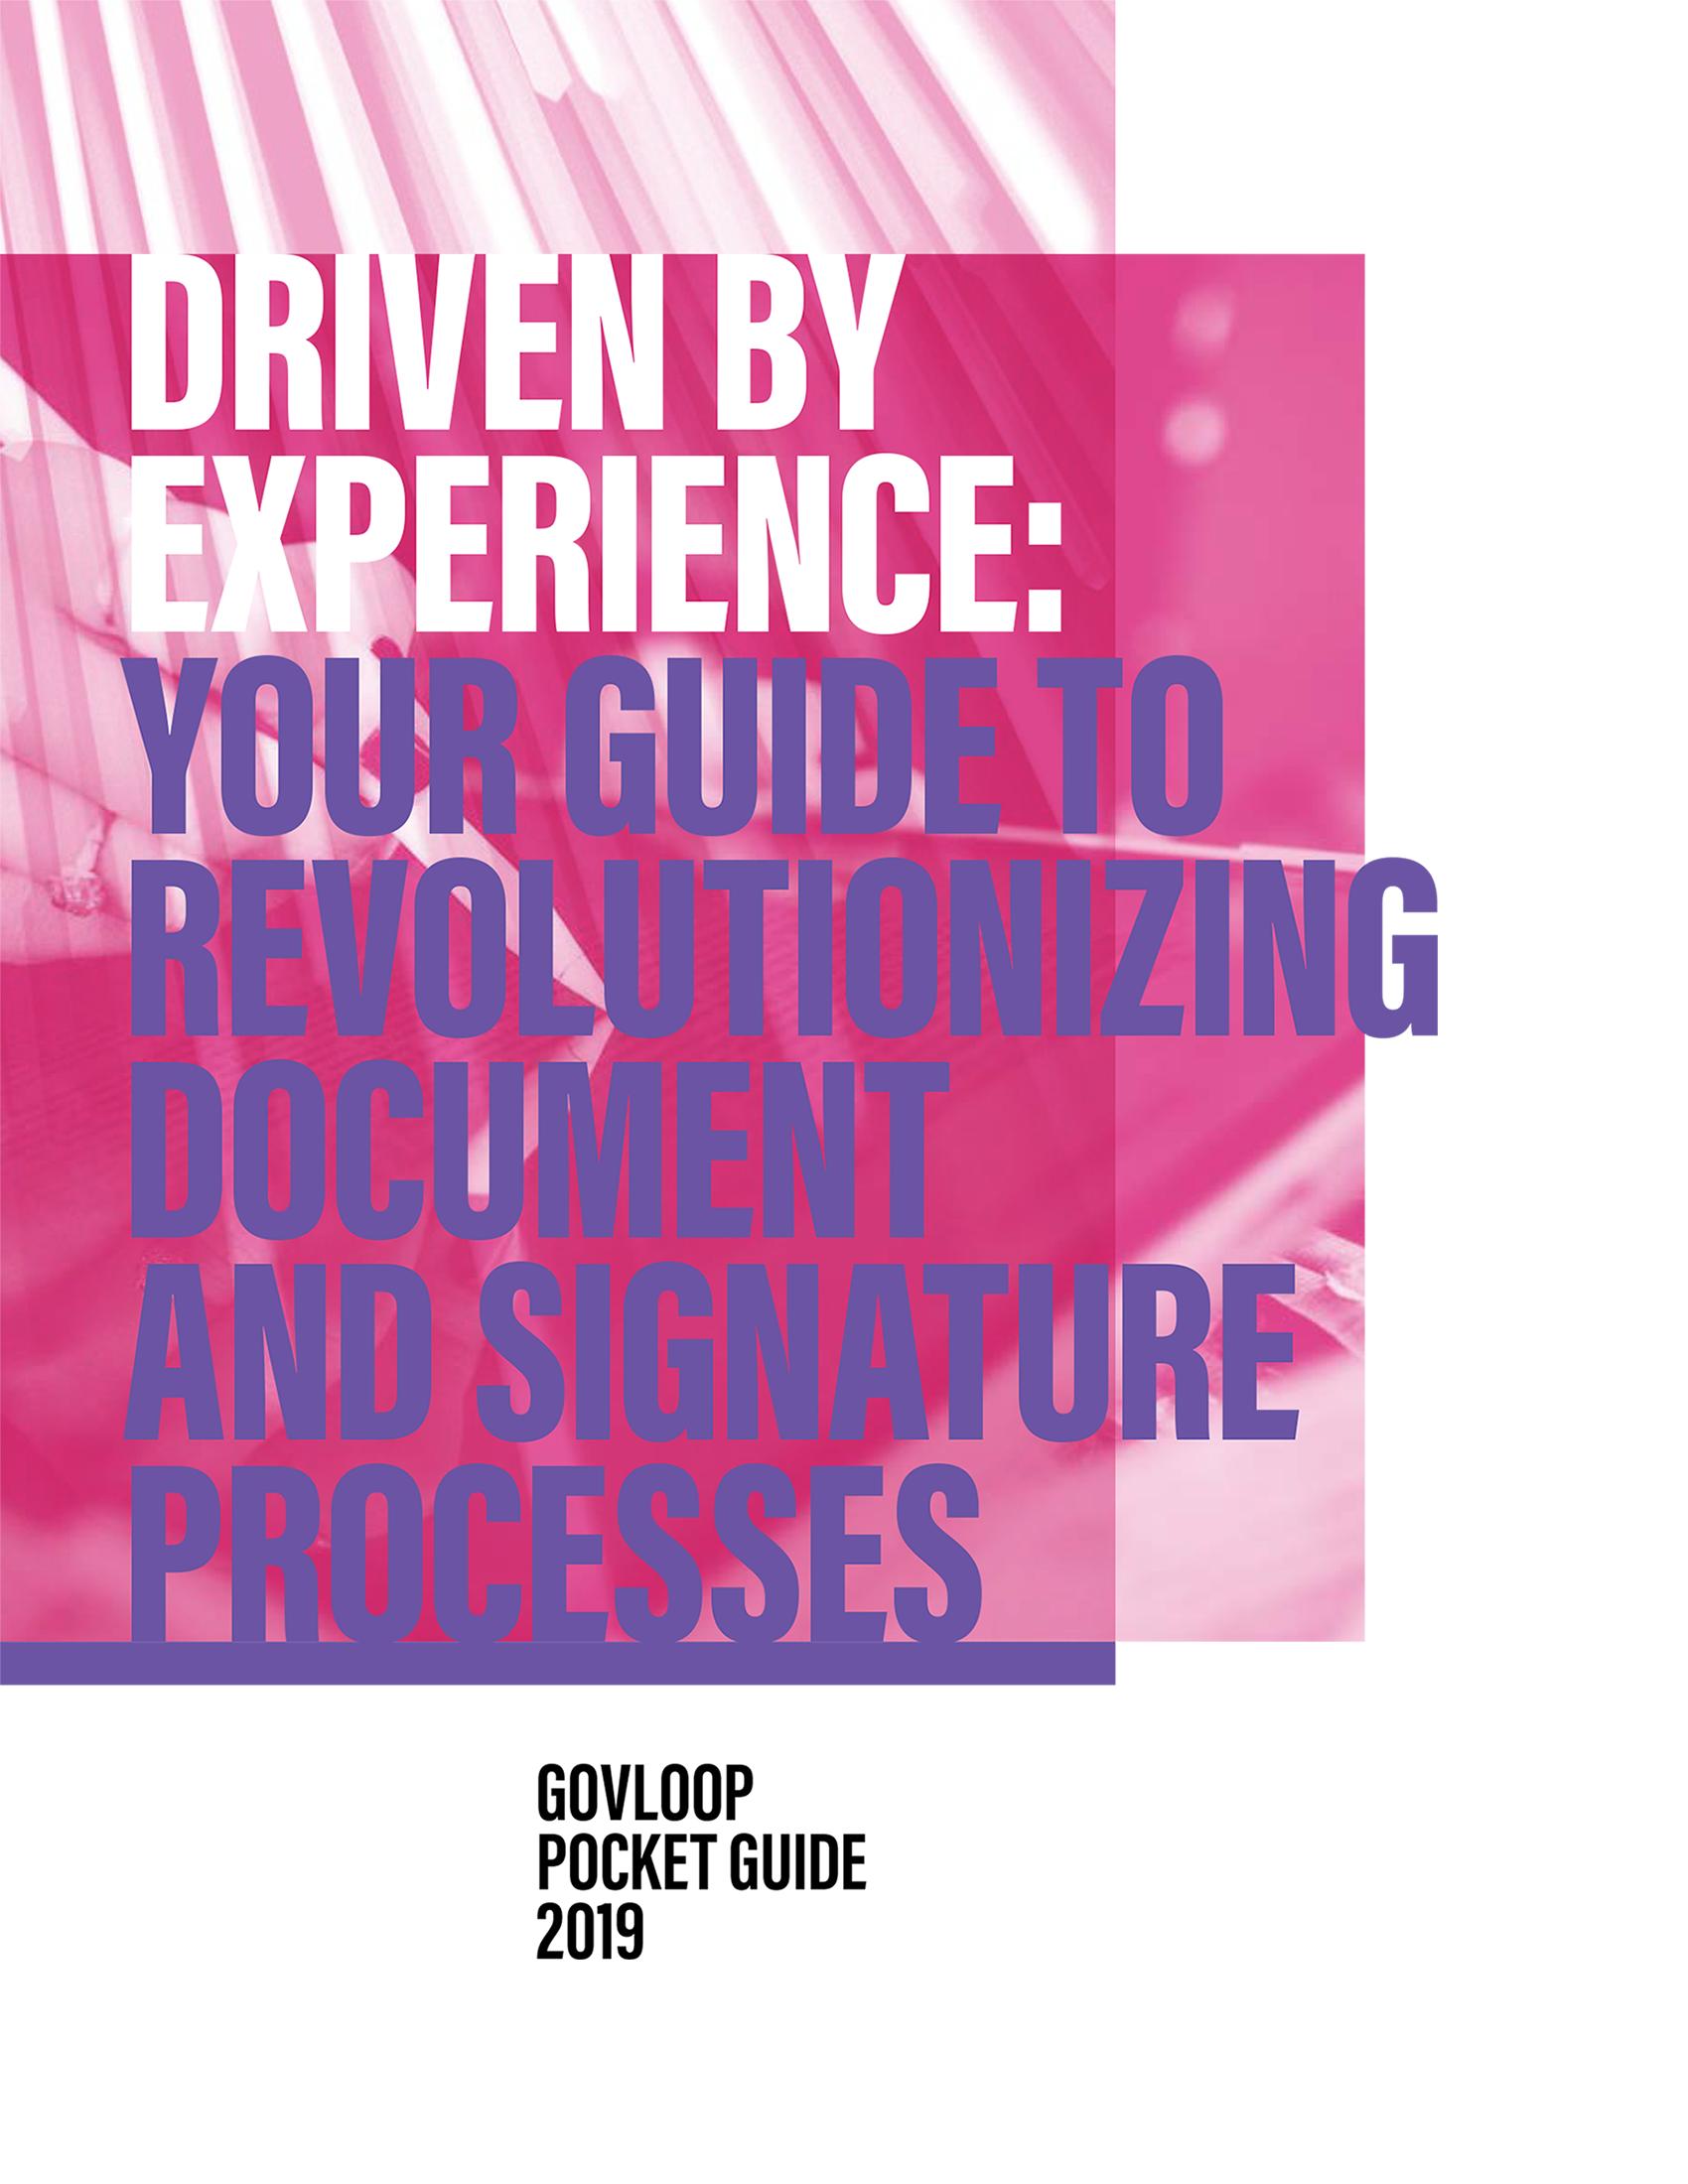 GovLoop Pocket Guide graphic